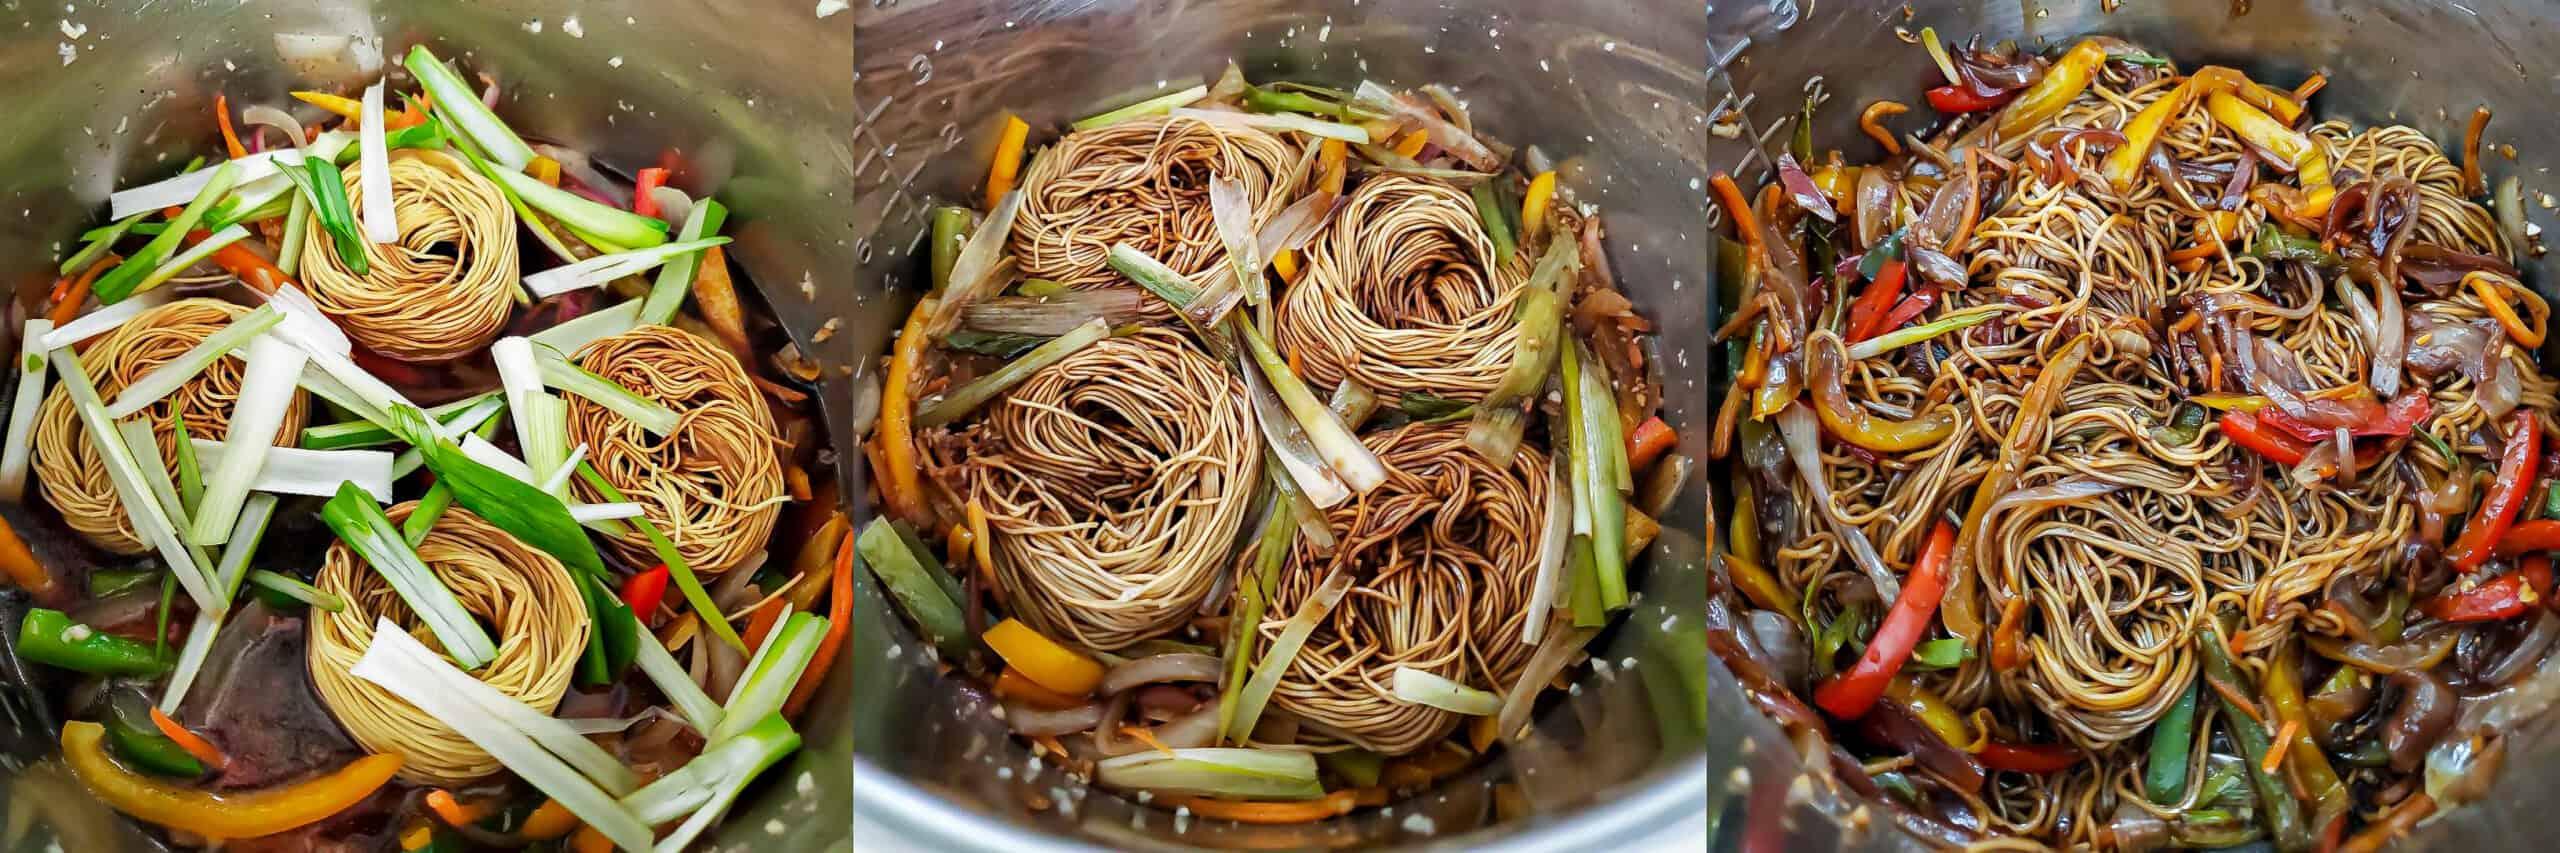 Teriyaki Noodles - Step 2